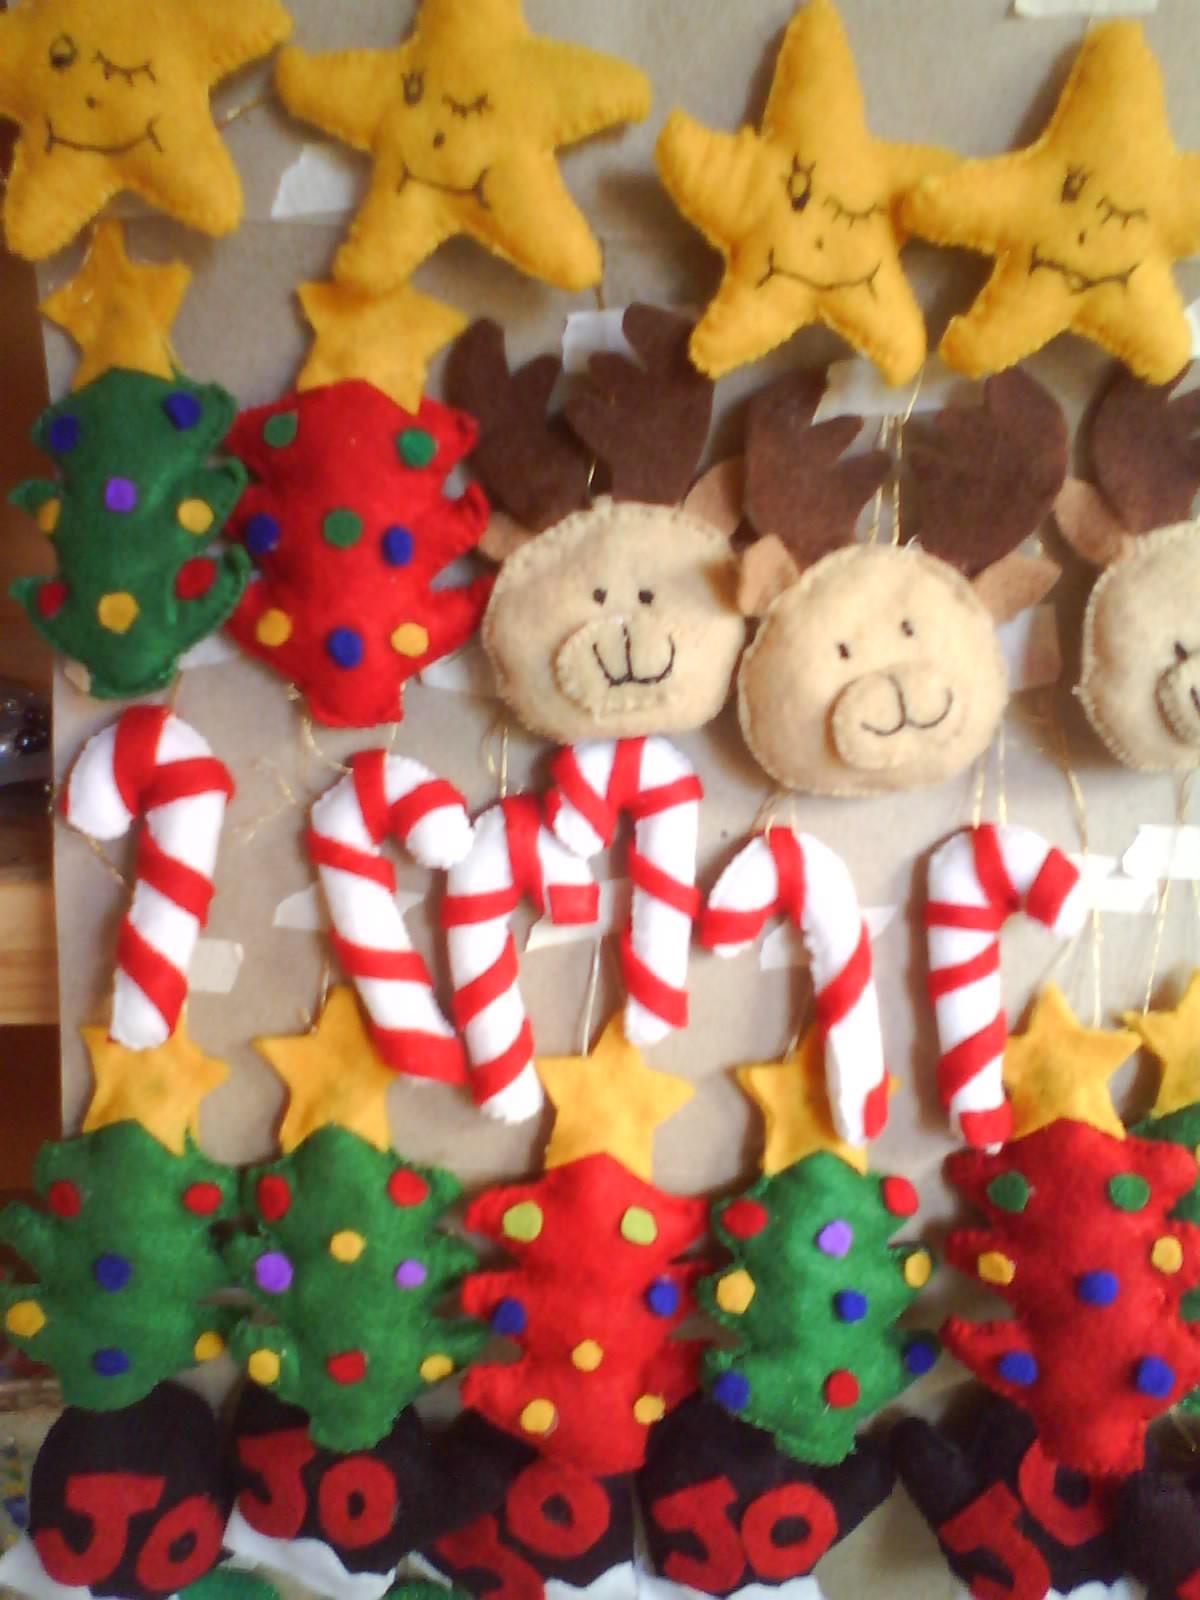 Bienvenidas a karla la artesana adornos para el arbol de - Adornos de navidad de fieltro para el arbol ...